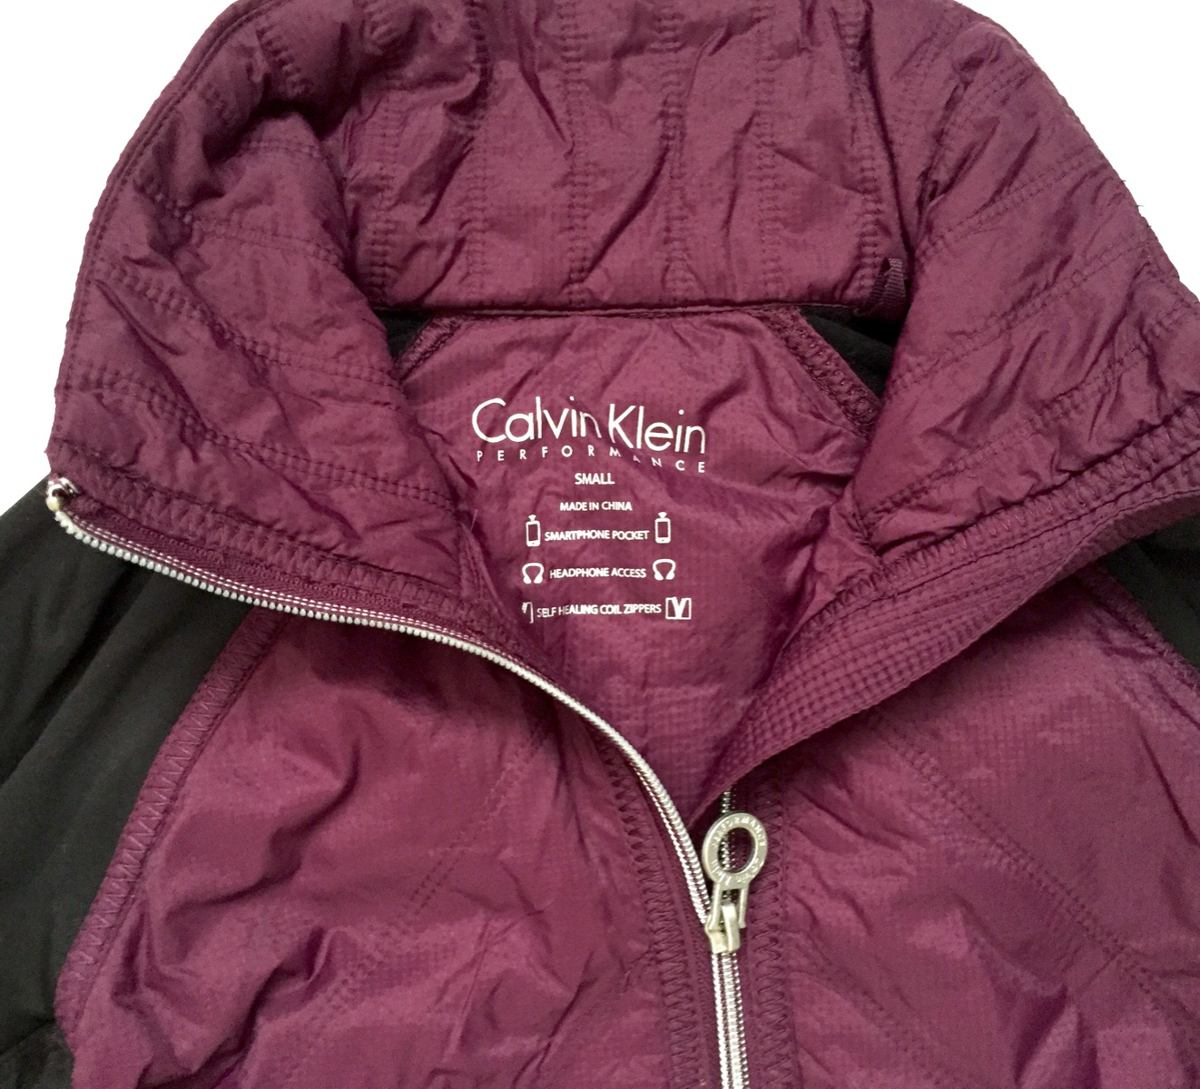 Multa Vestidos De Dama De Calvin Klein Ideas Ornamento Elaboración ...